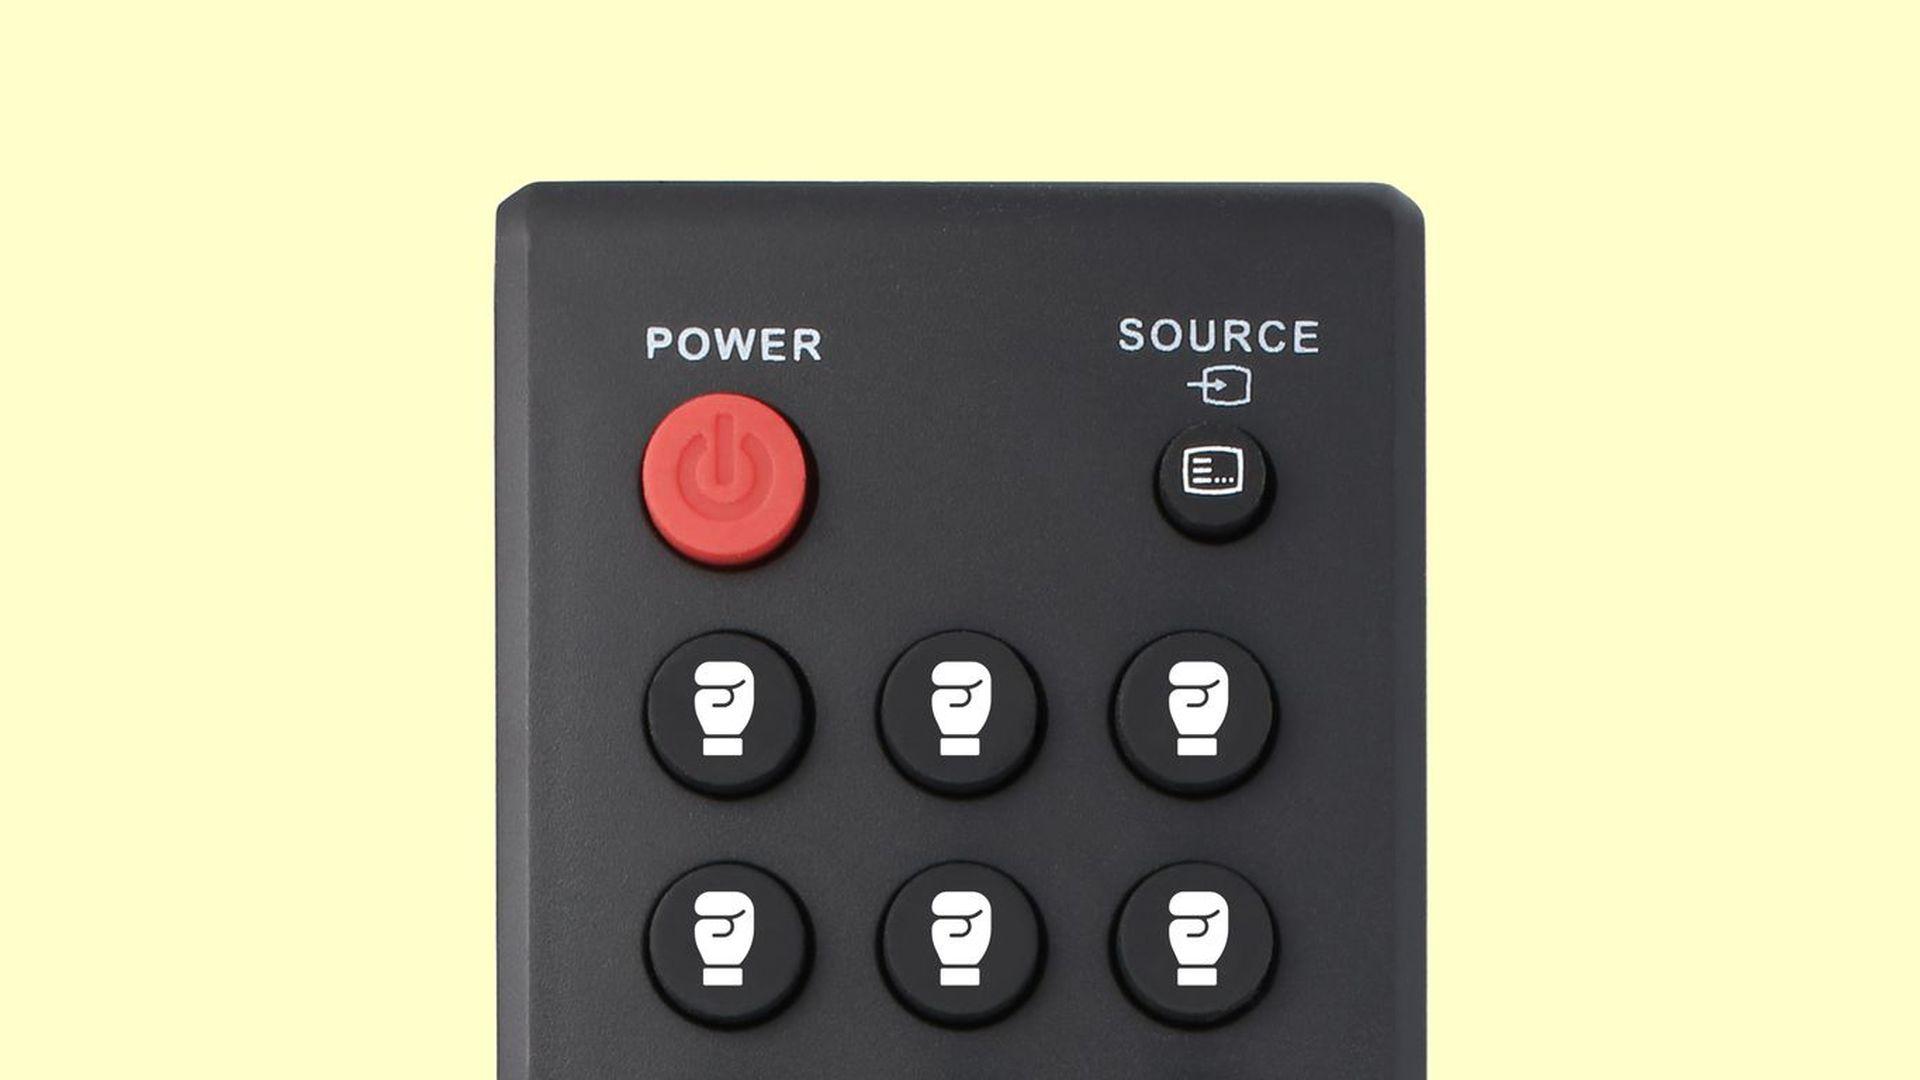 A television remote.